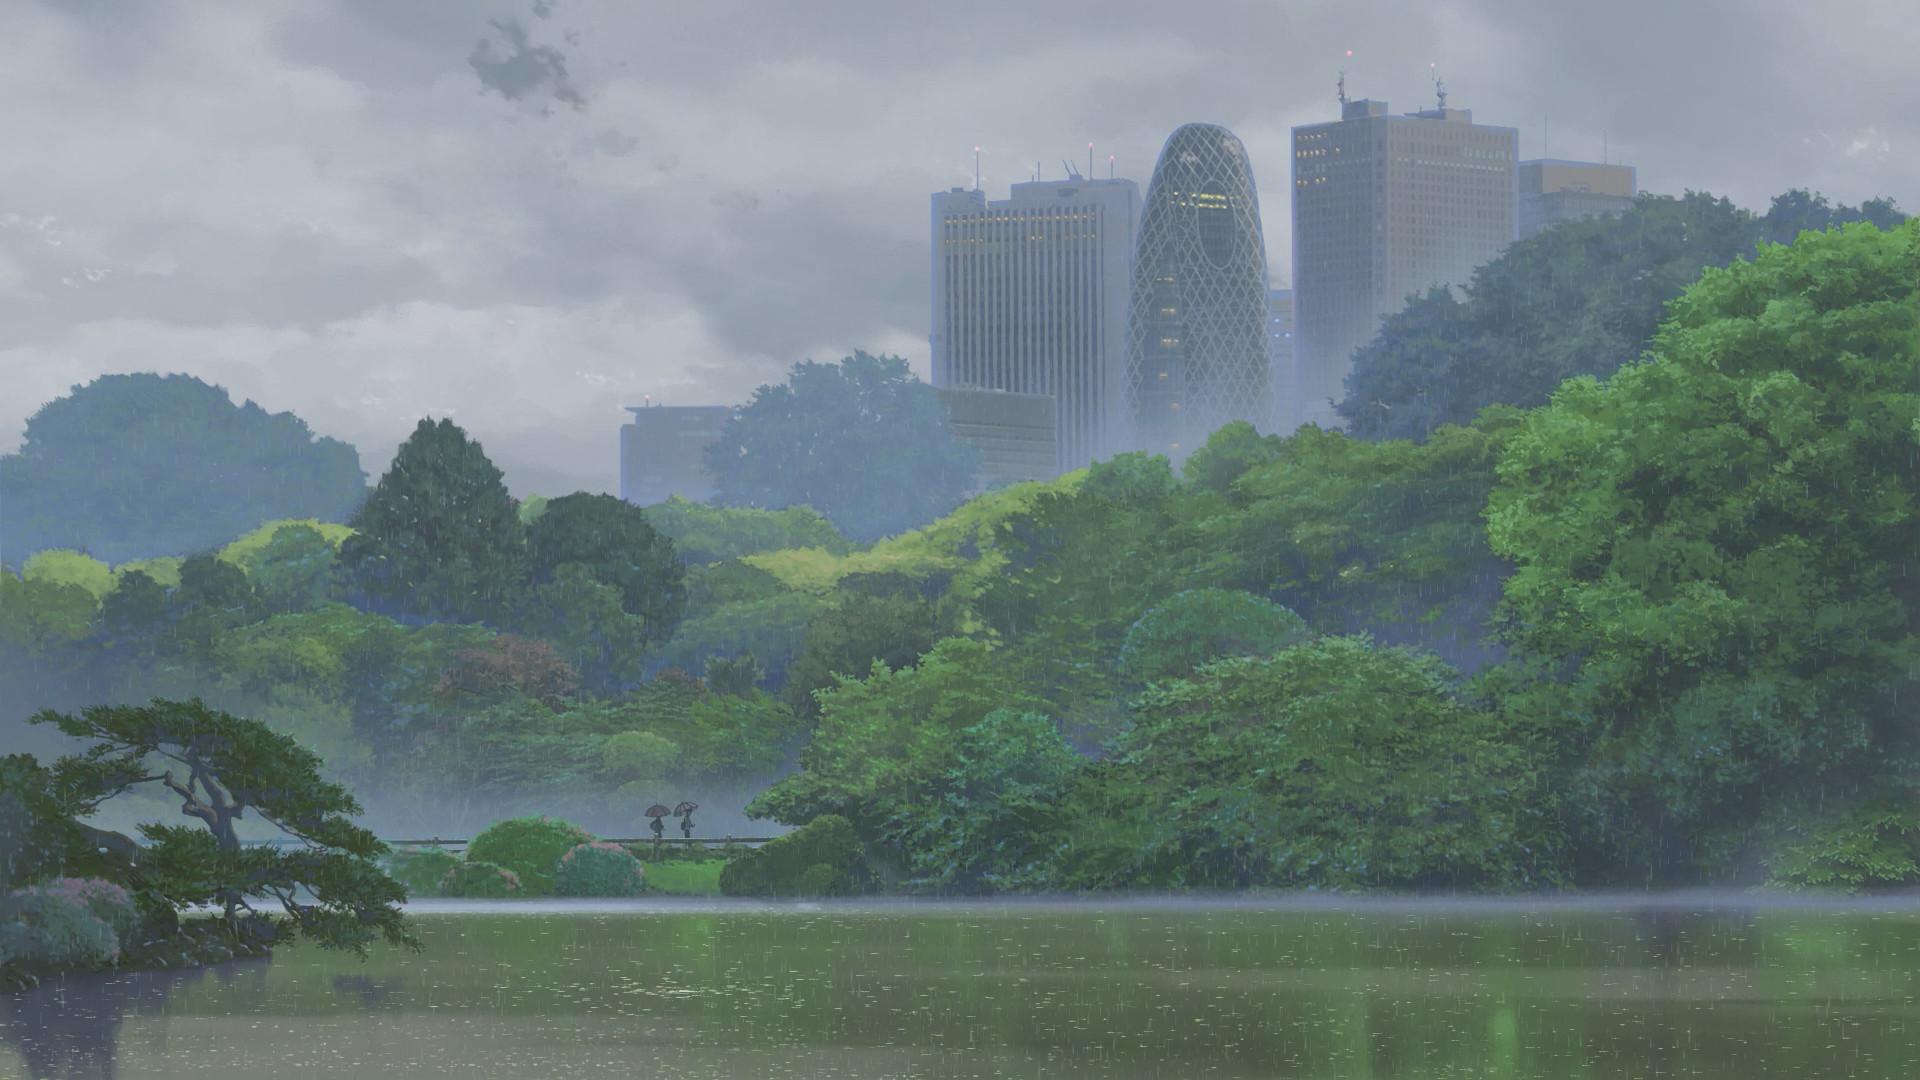 garden, The Garden Of Words, Green, Nature, Anime, Rain, Trees